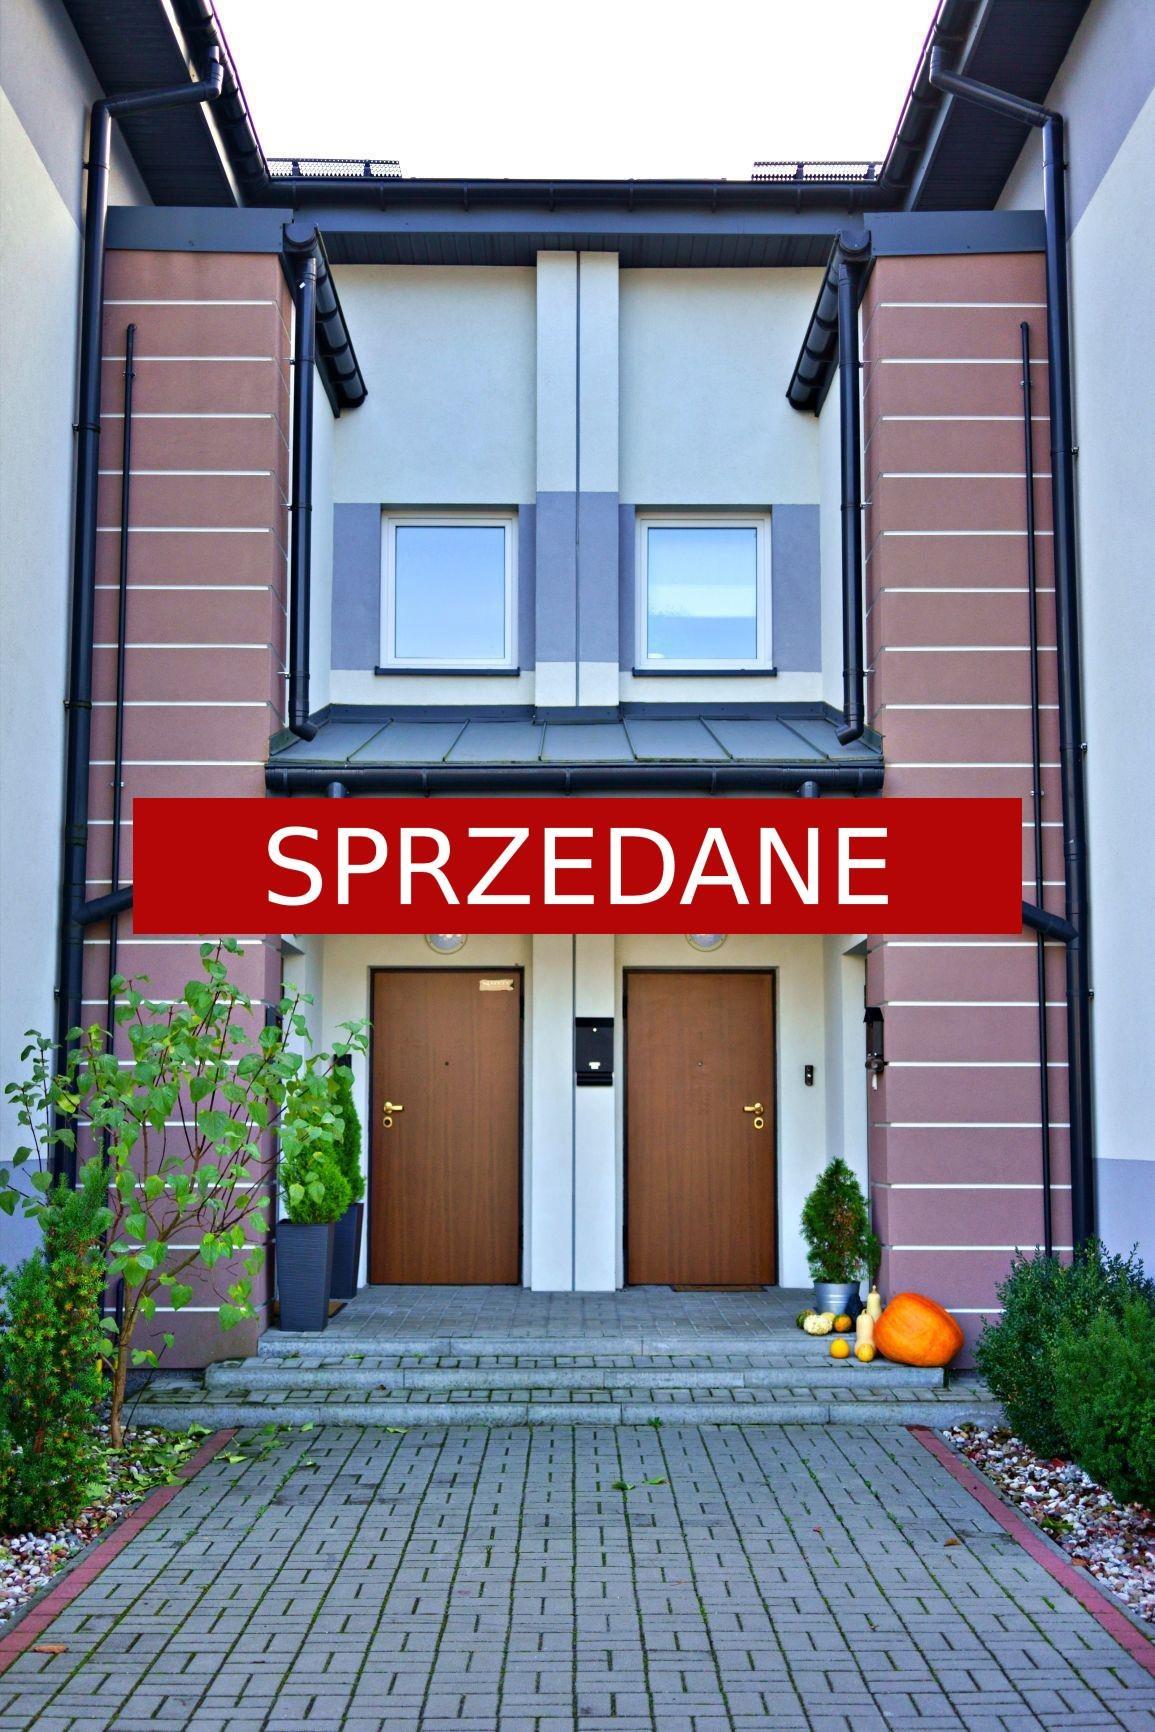 Mieszkanie trzypokojowe na sprzedaż Warszawa, Białołęka  86m2 Foto 1